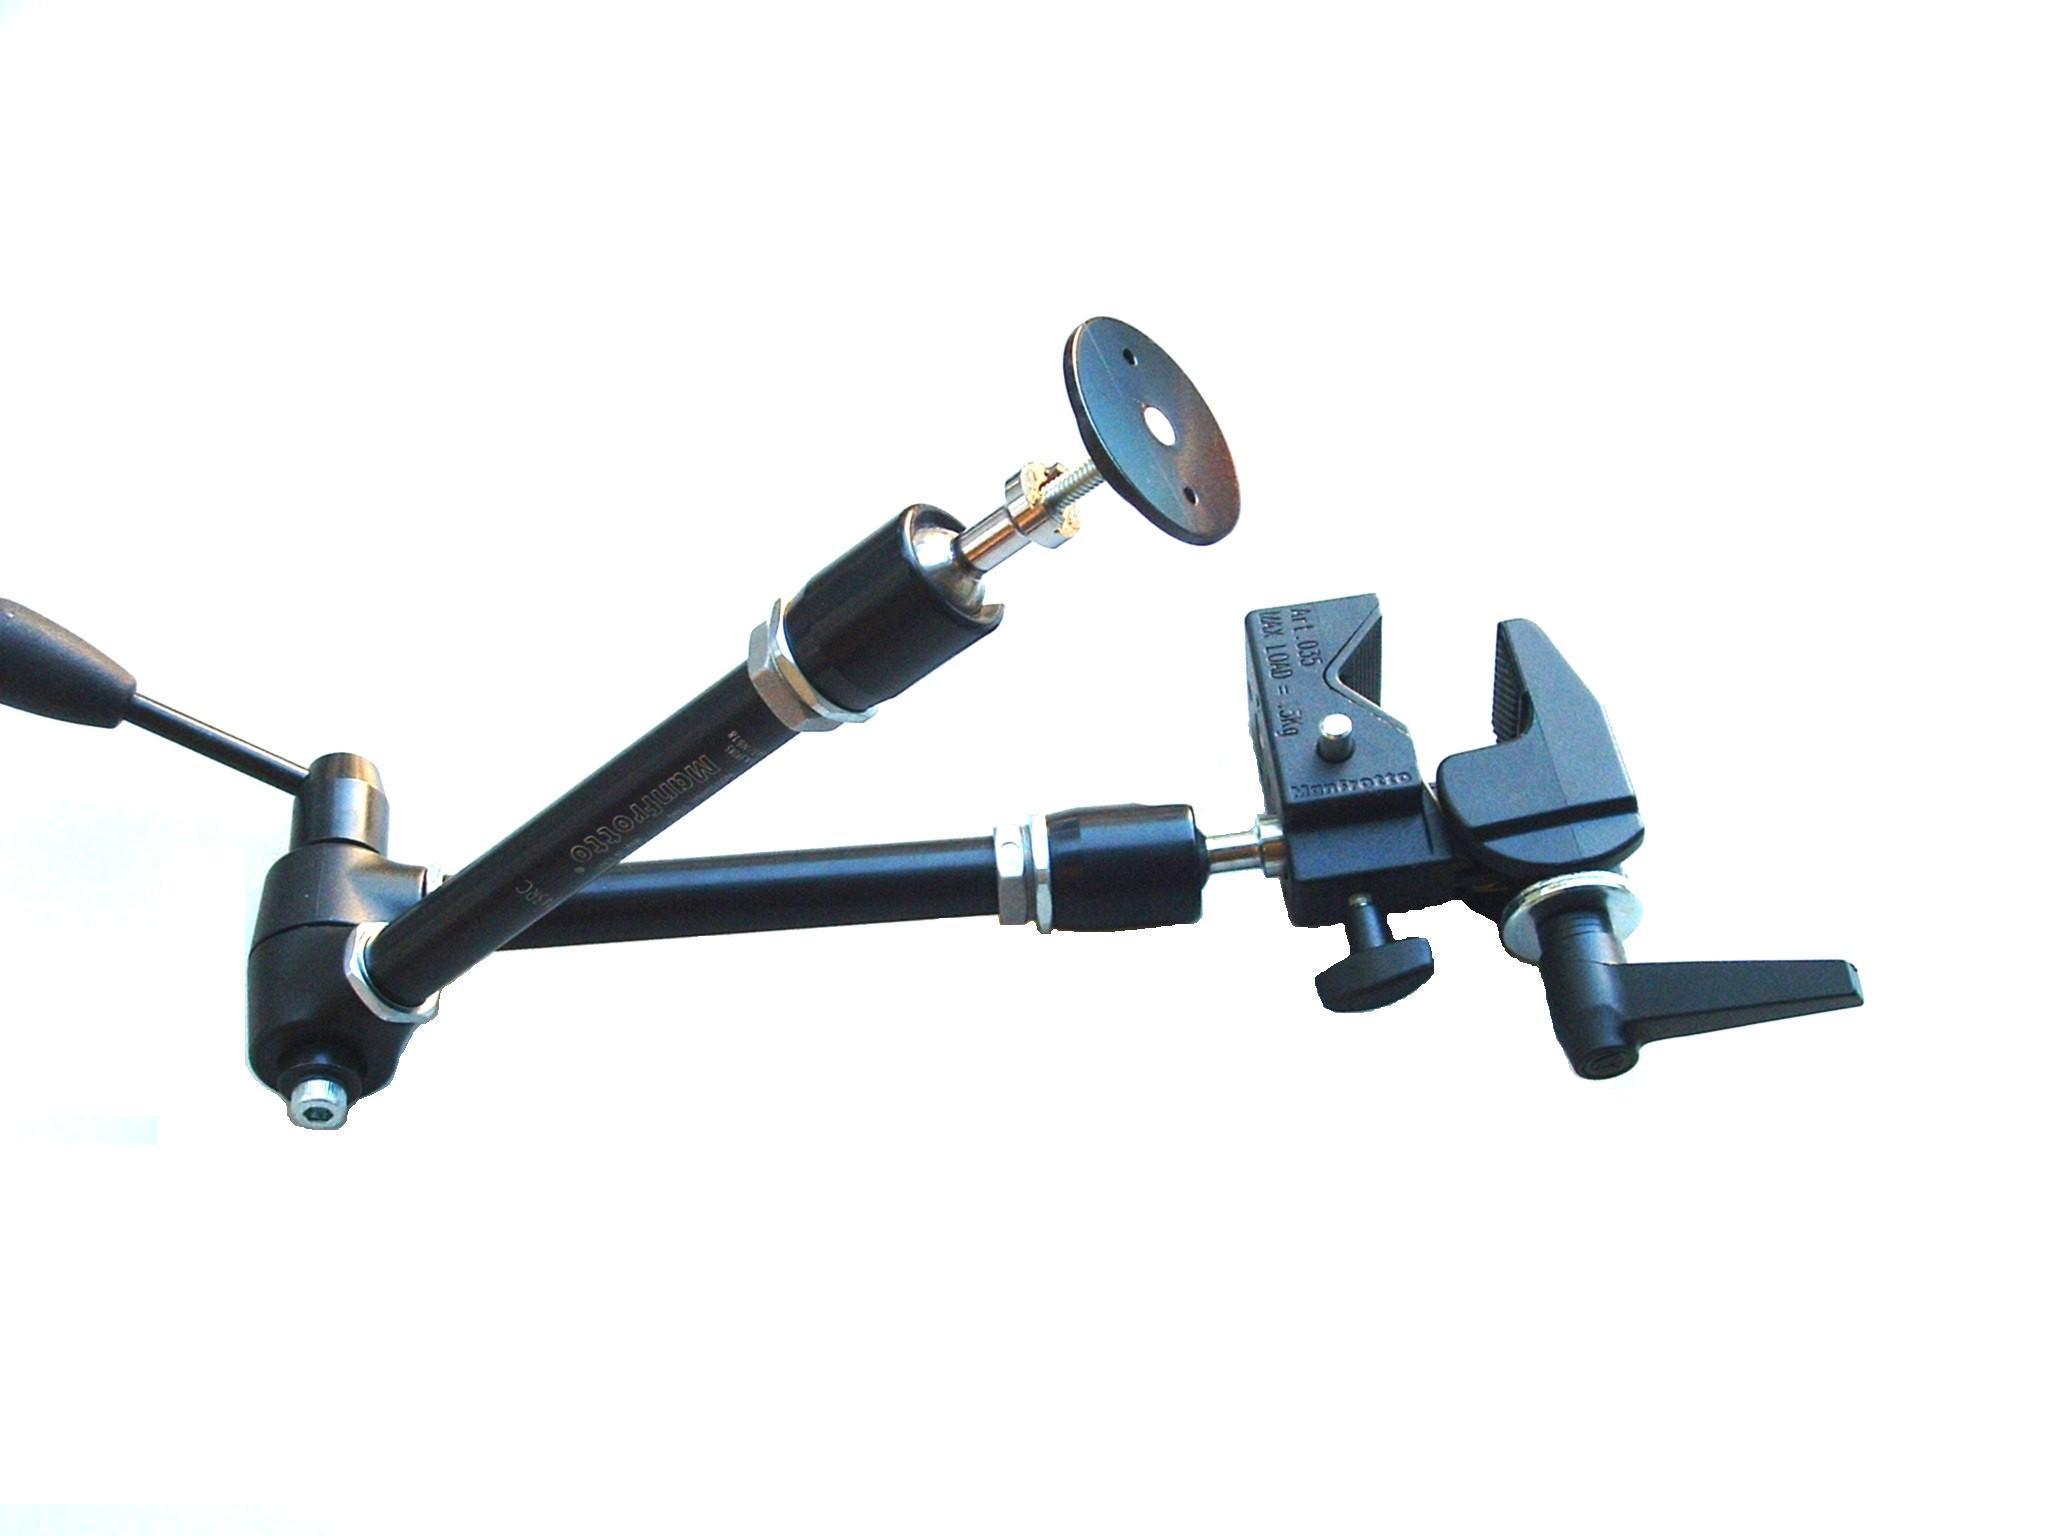 Dreigelenkhalter mit Buttonaufnahme für MicroLight